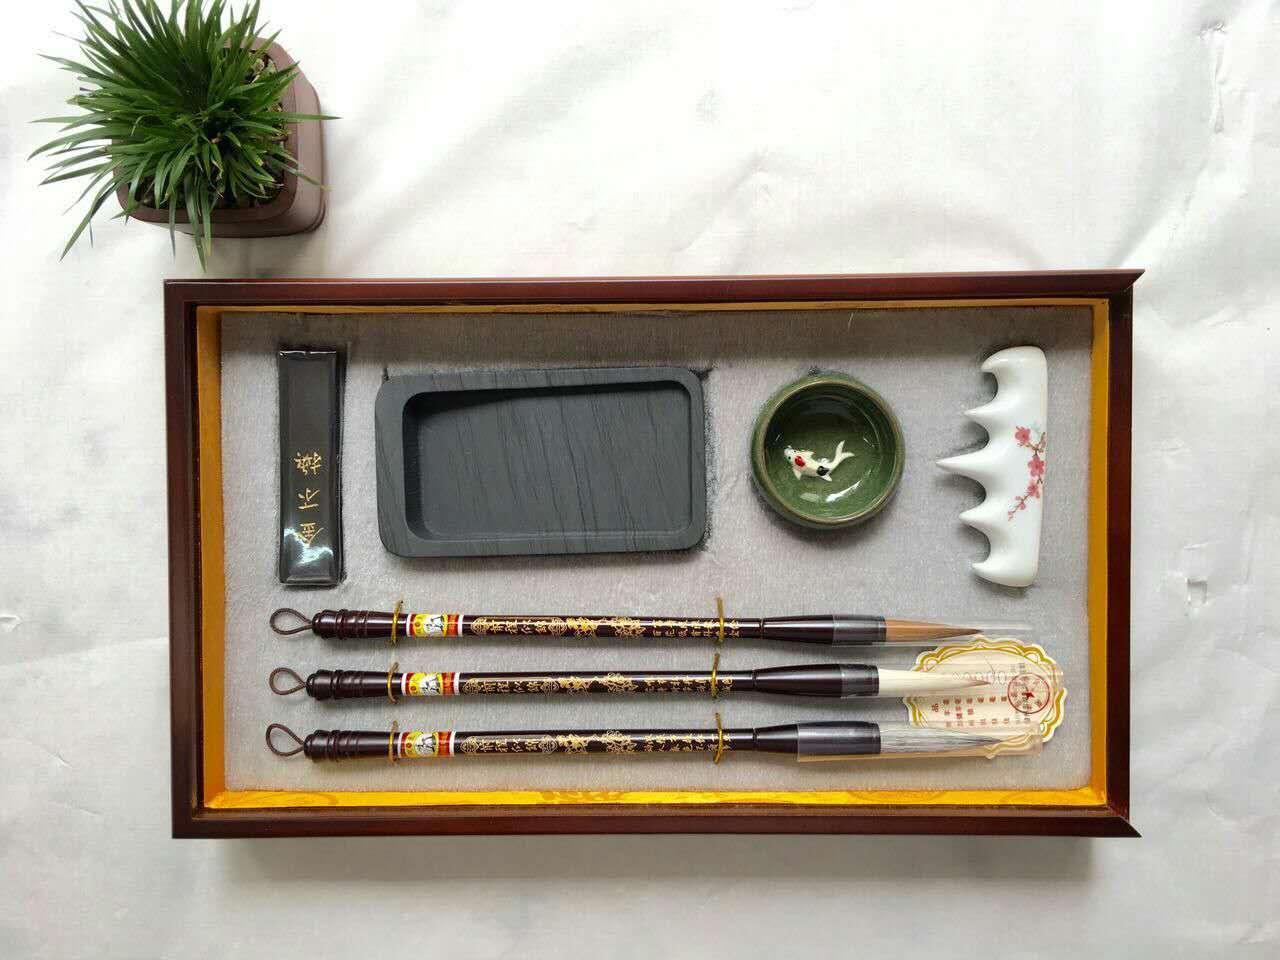 龙岩毛笔礼盒|不错的毛笔哪里有卖